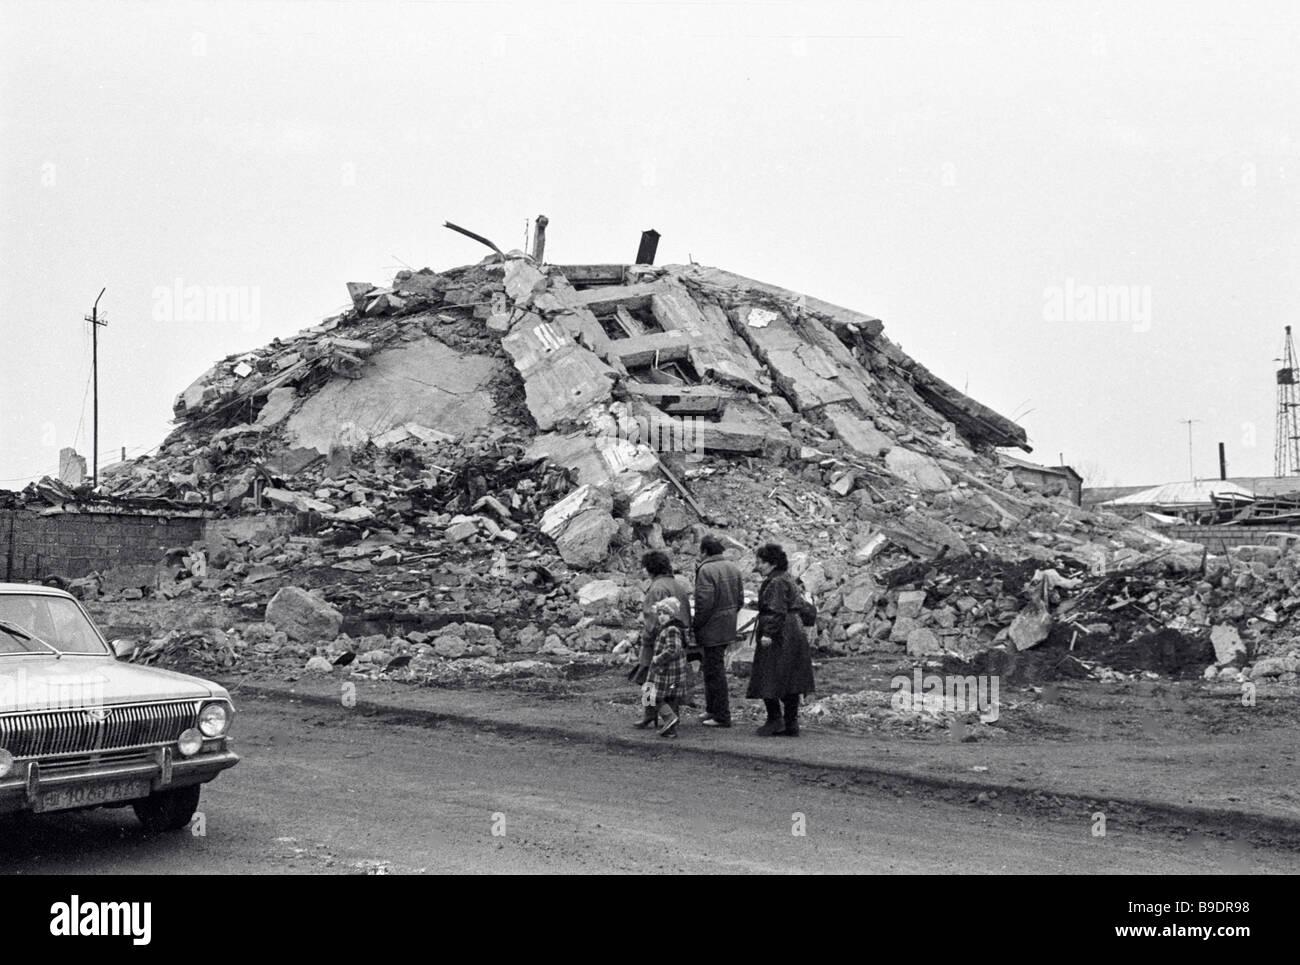 Bildergebnis für a heap of debris images